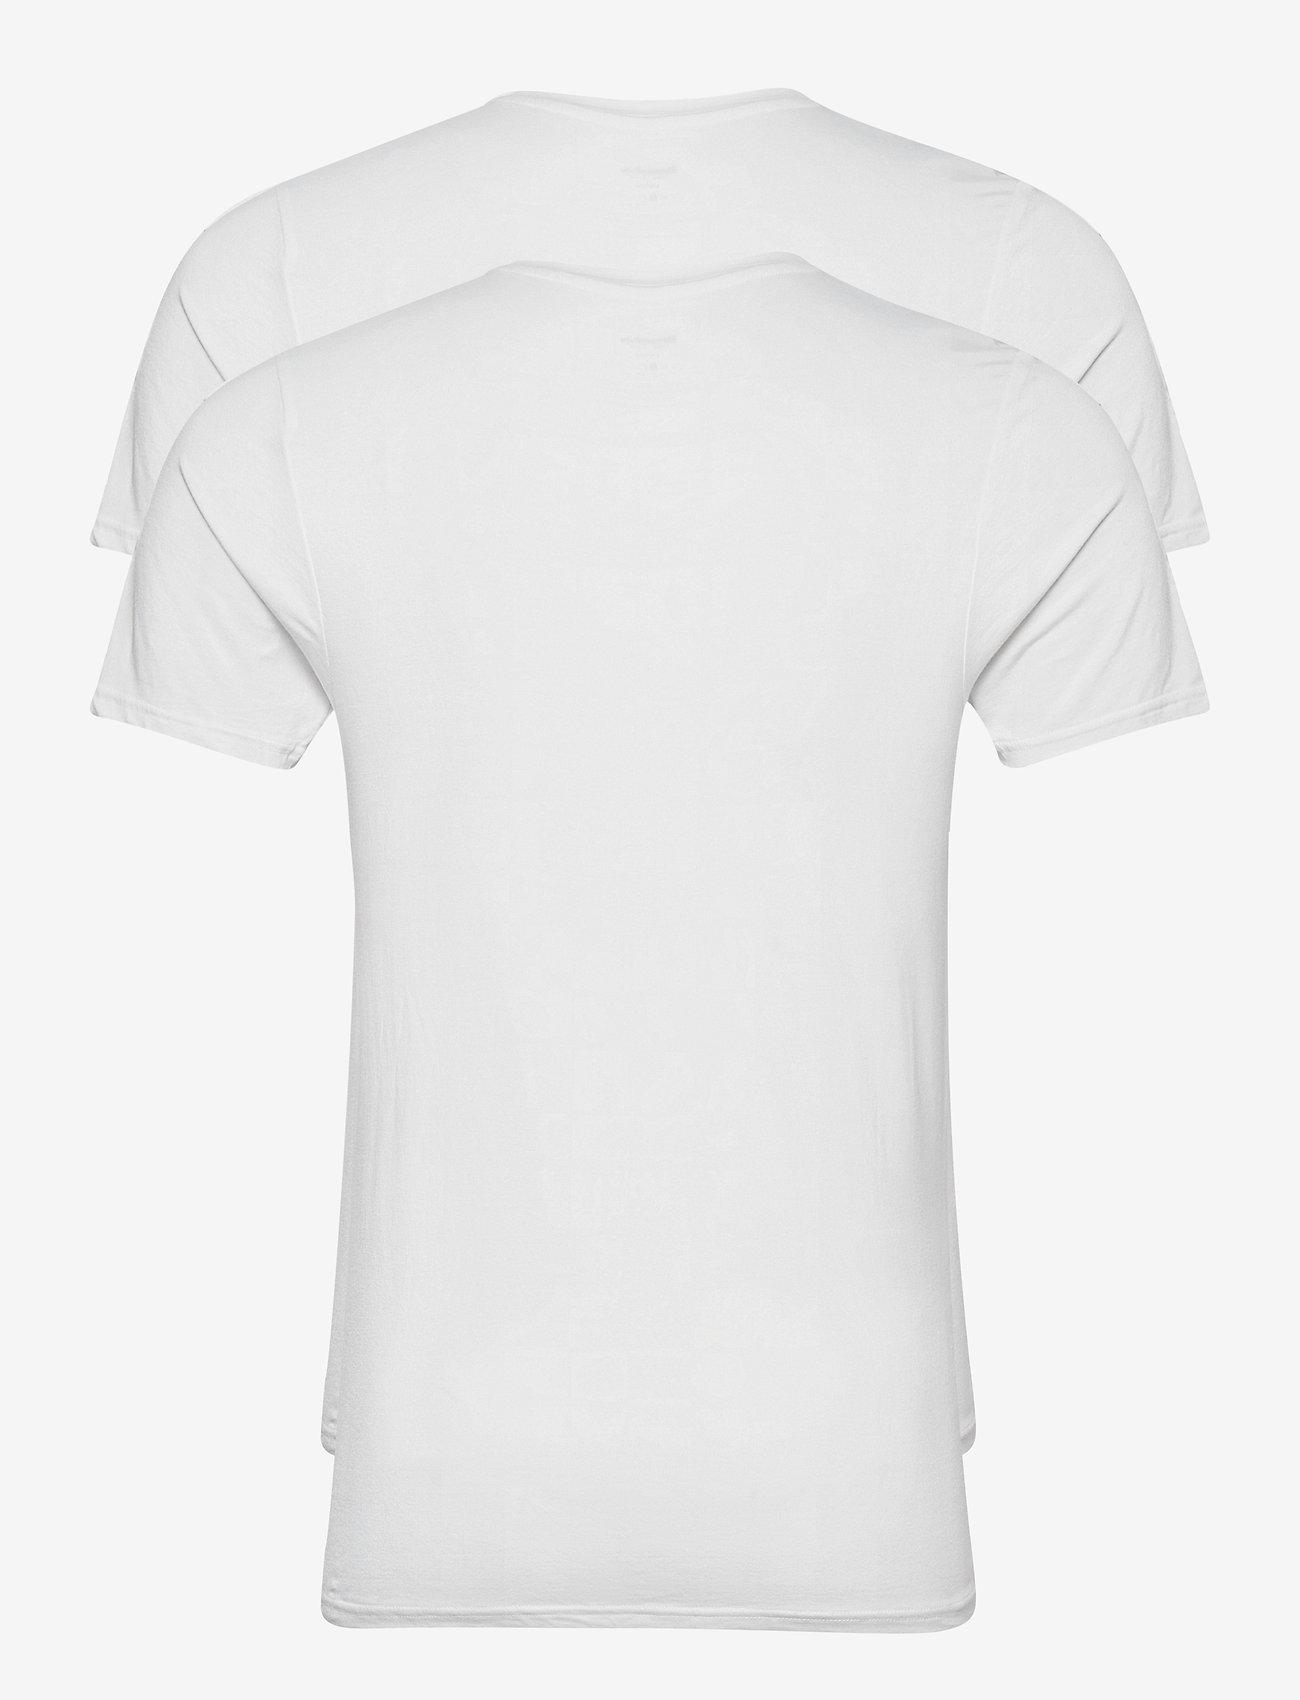 Resteröds BAMBOO 2-PACK TEE - T-skjorter WHITE - Menn Klær